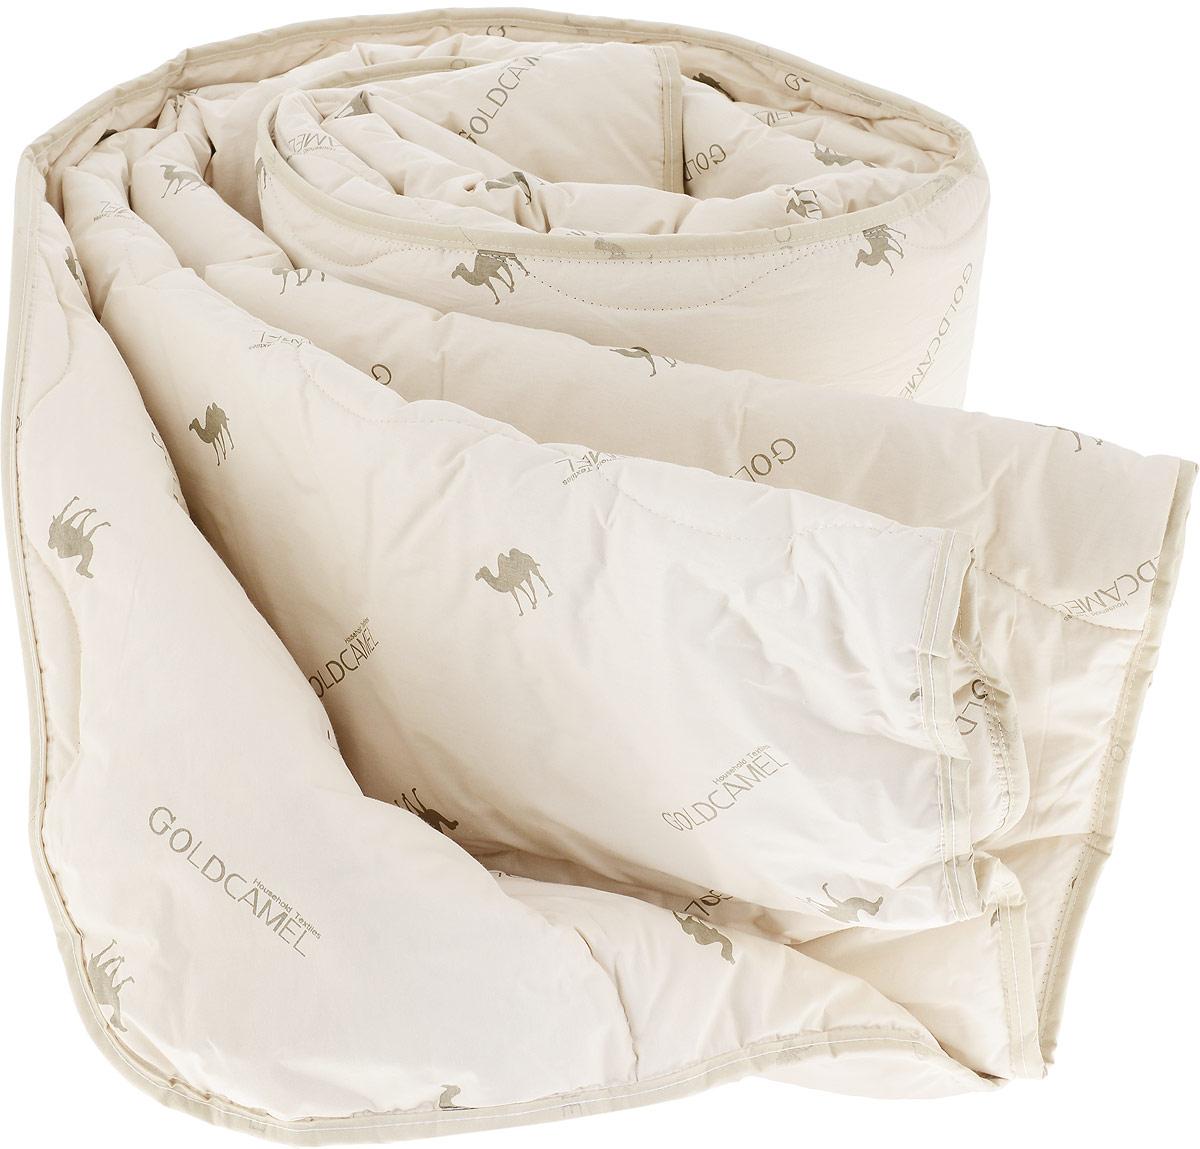 Одеяло Fashion Fantasy, наполнитель: верблюжья шерсть, цвет: бежевый, 200 х 220 см183380Чехол одеяла Fashion Fantasy выполнен из перкаля.Наполнитель - верблюжья шерсть. Одеяло простегано - значит, наполнитель внутри будет всегда распределен равномерно.Идеально подойдет тем, кто ценит мягкость и тепло.Размер: 200 х 220 см.